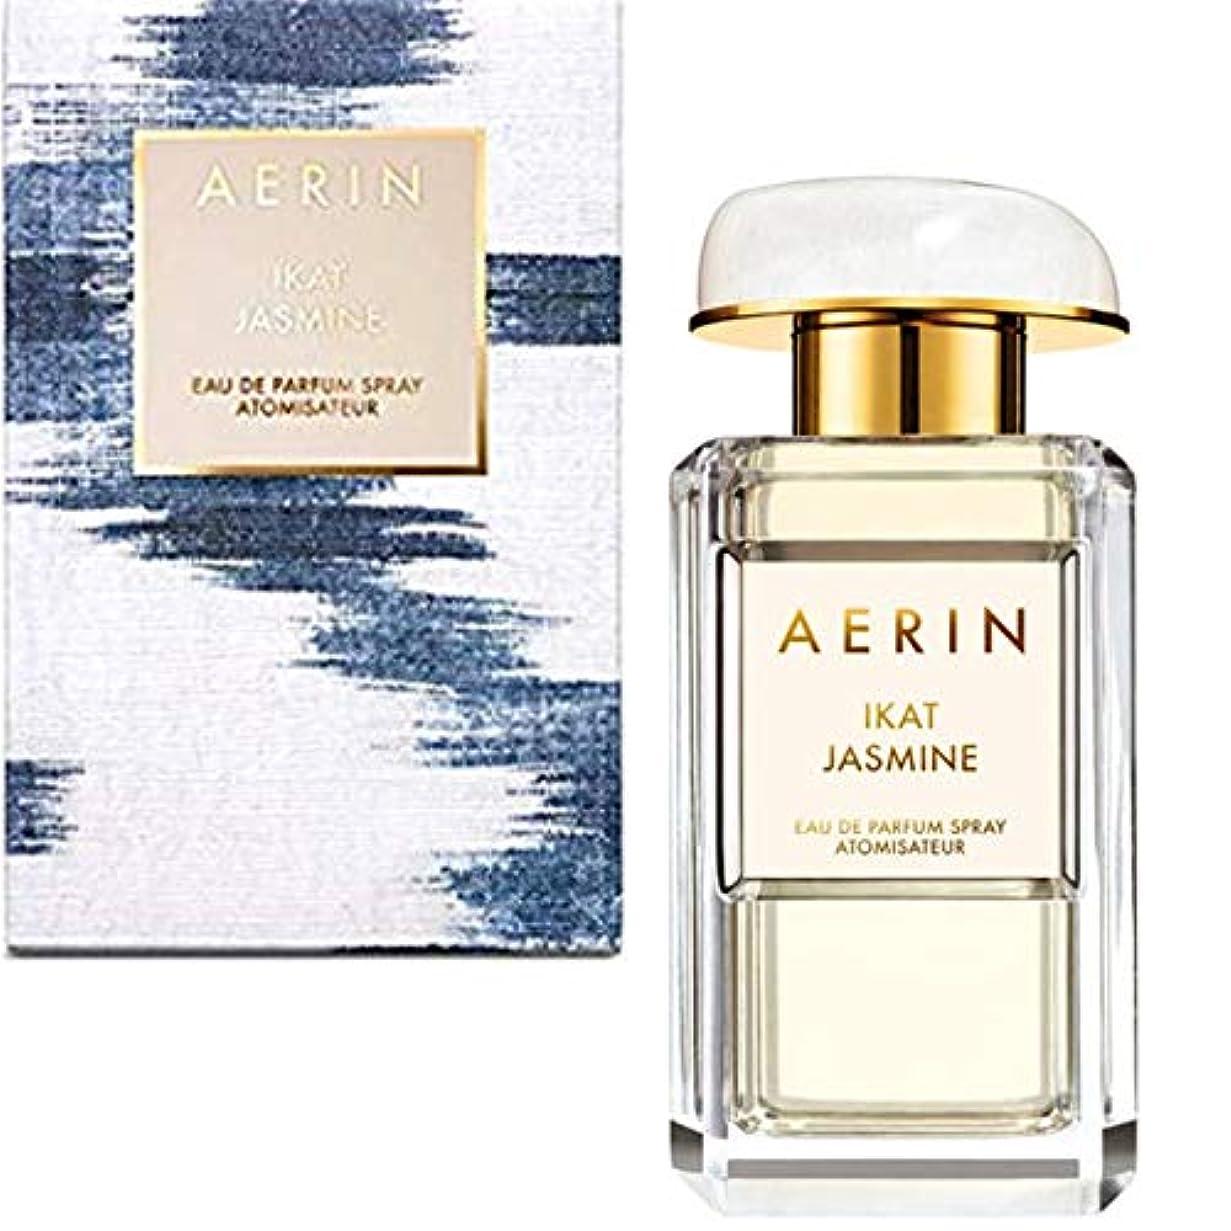 アルカトラズ島バドミントン縁石AERIN 'Ikat Jasmine' (アエリン イカ ジャスミン) 1.7 oz (50ml) EDP Spray by Estee Lauder for Women [海外直送品] [並行輸入品]